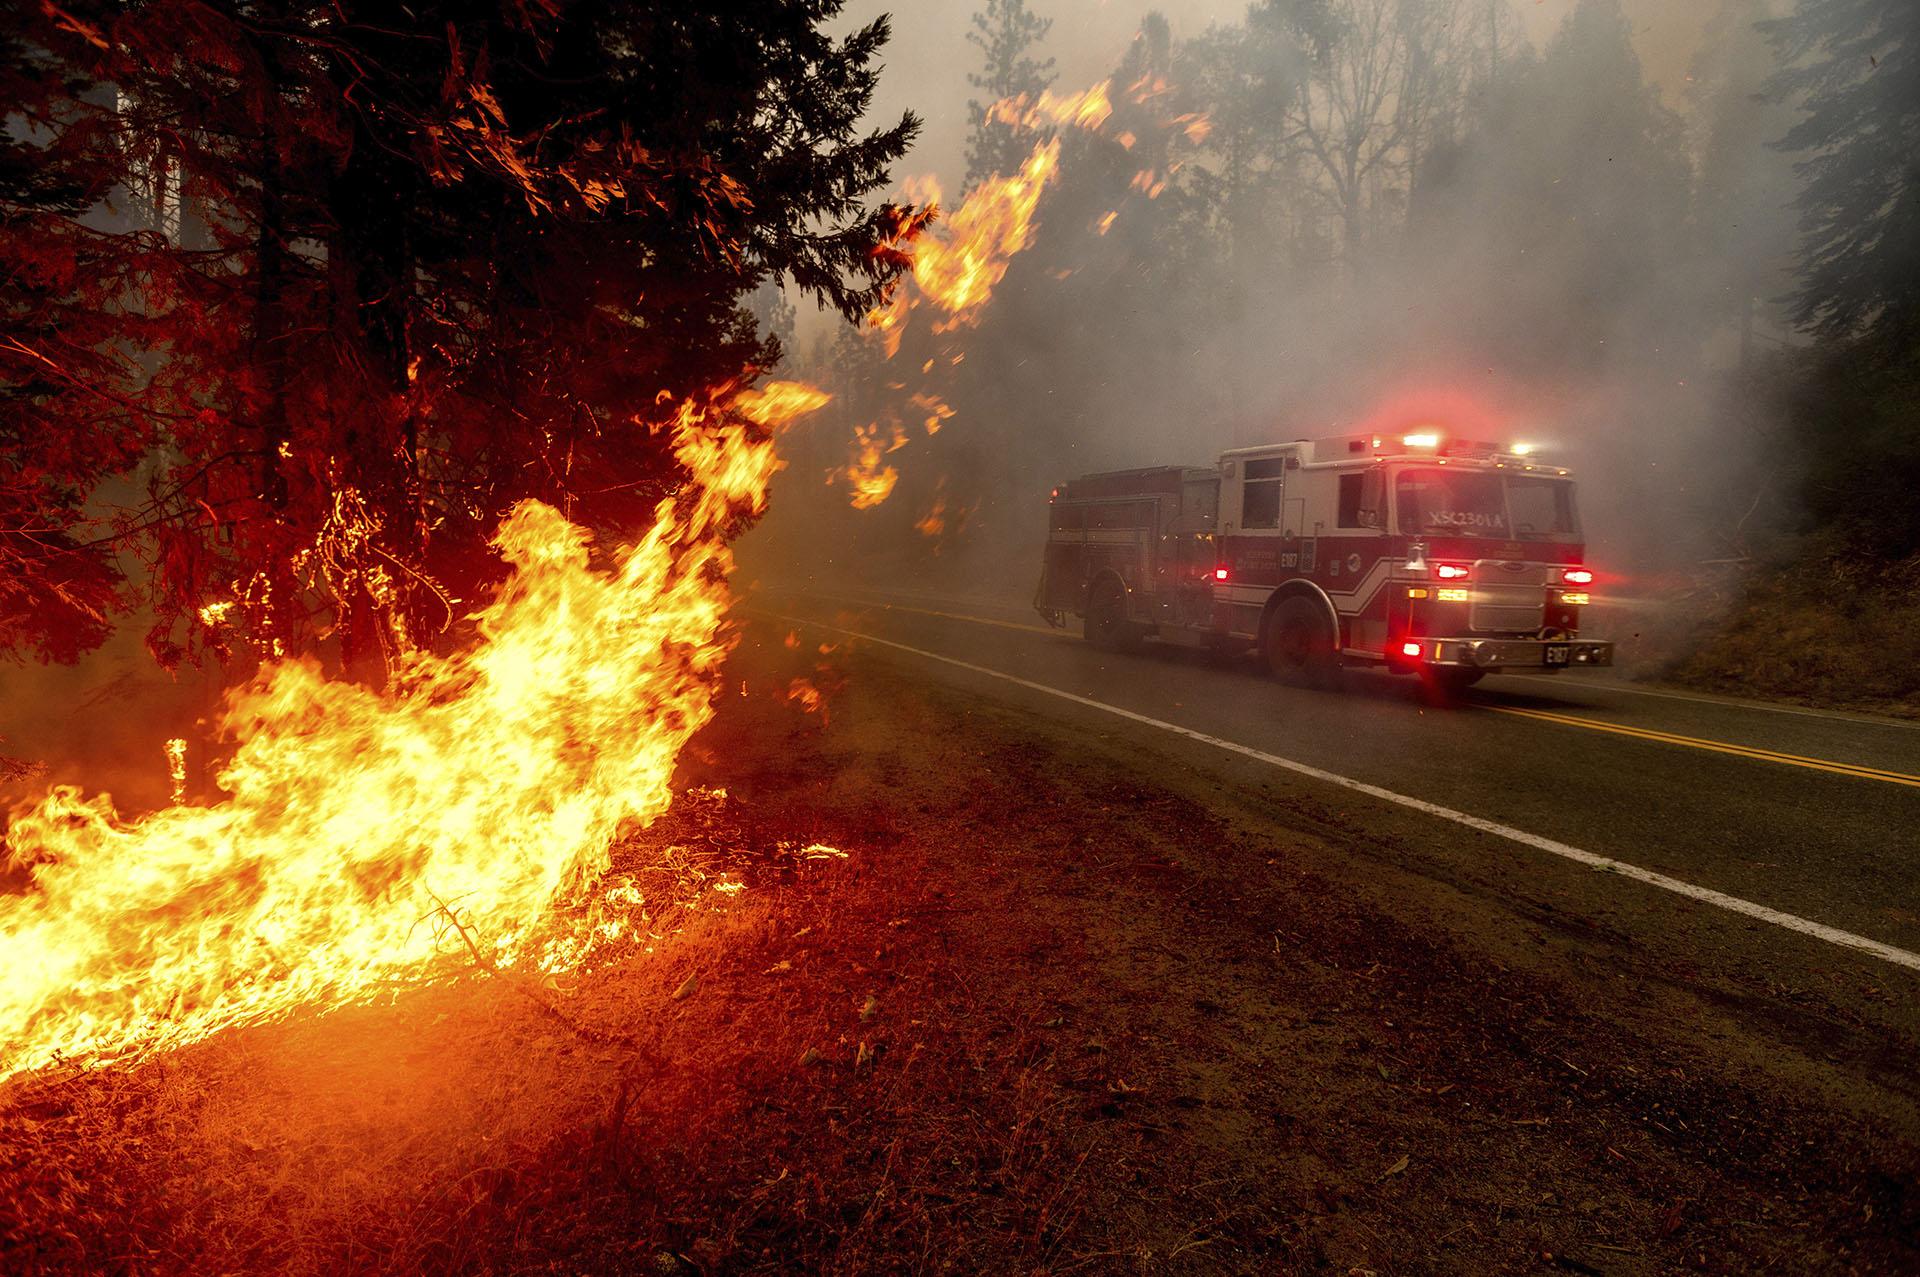 """""""En los últimos 33 años, no hemos visto un solo año sobrepasar los dos millones de acres hasta este año"""", dijo la portavoz de Cal Fire Lynne Tolmachoff. """"Esto definitivamente es récord y aún no nos hemos acercado al final de la temporada de incendios"""". (AP Photo/Noah Berger)"""